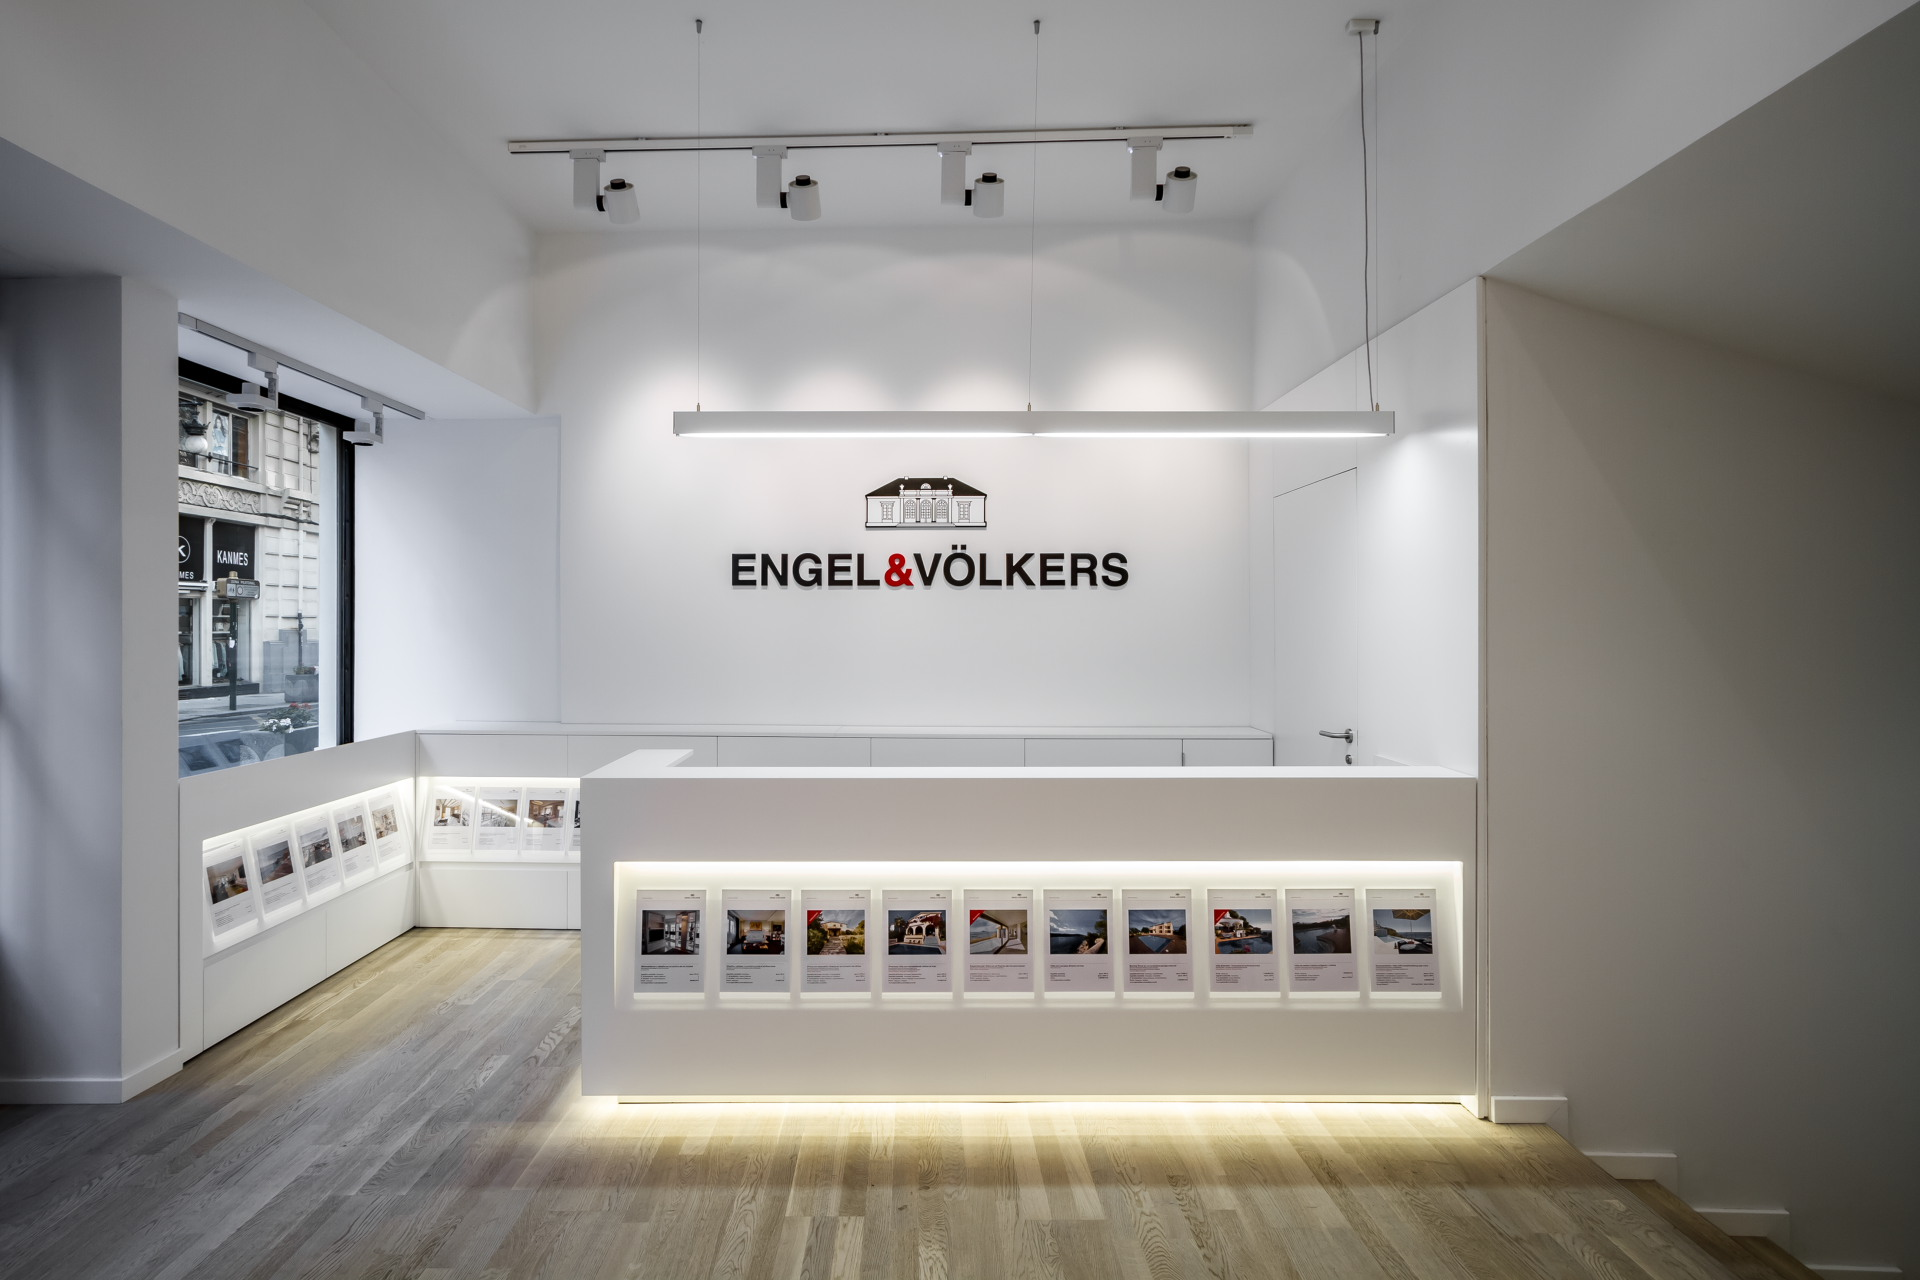 fotografia-arquitectura-valencia-german-cabo-bfm-engel-volkers (8)